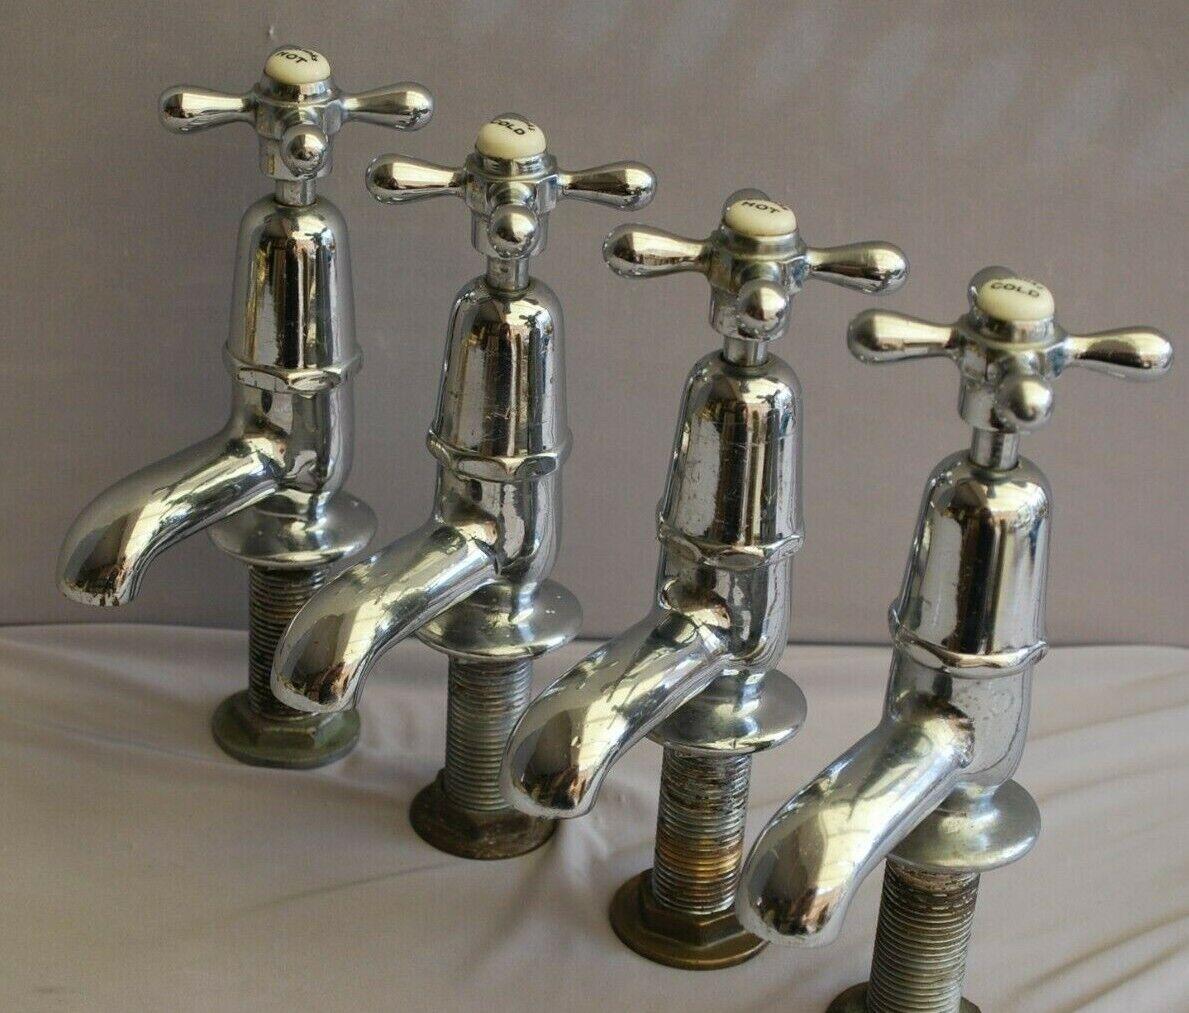 Chrome Rétro bassin robinets Reclaimed & entièreHommest Refurlit (2 paires disponibles)